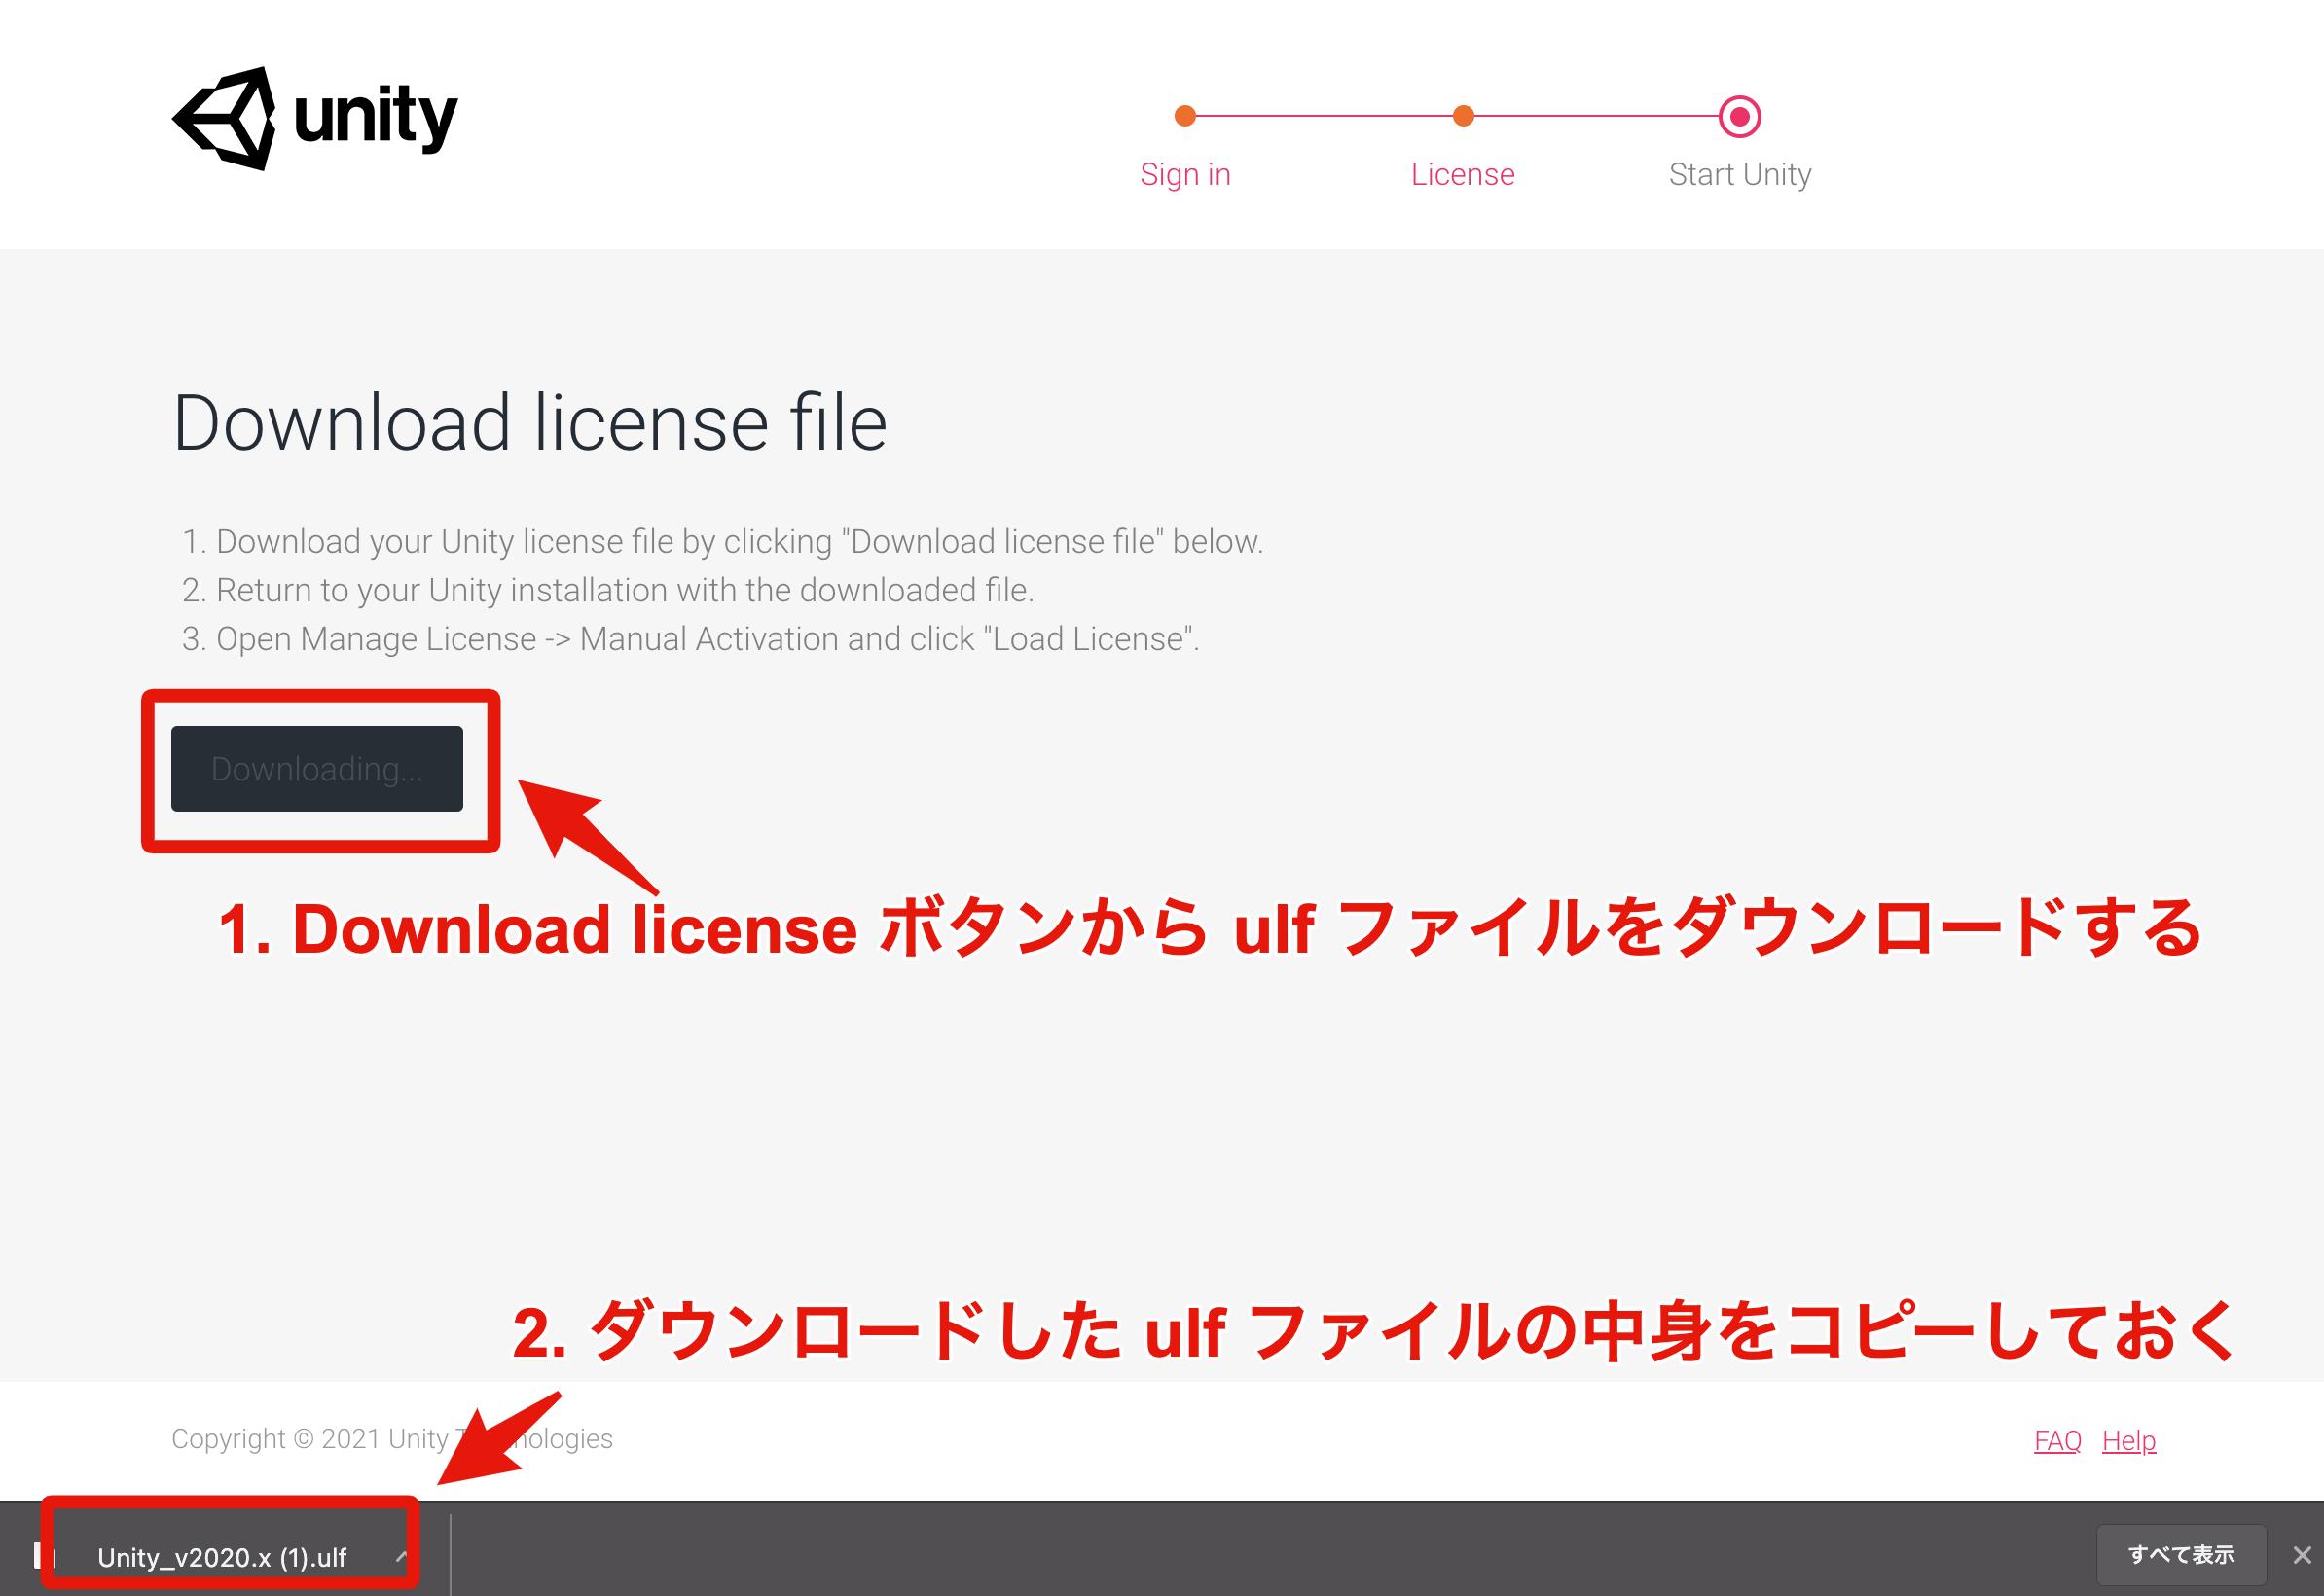 6. <code>Download license</code> ボタンをクリックして <code>ulf</code> ファイルをダウンロードする